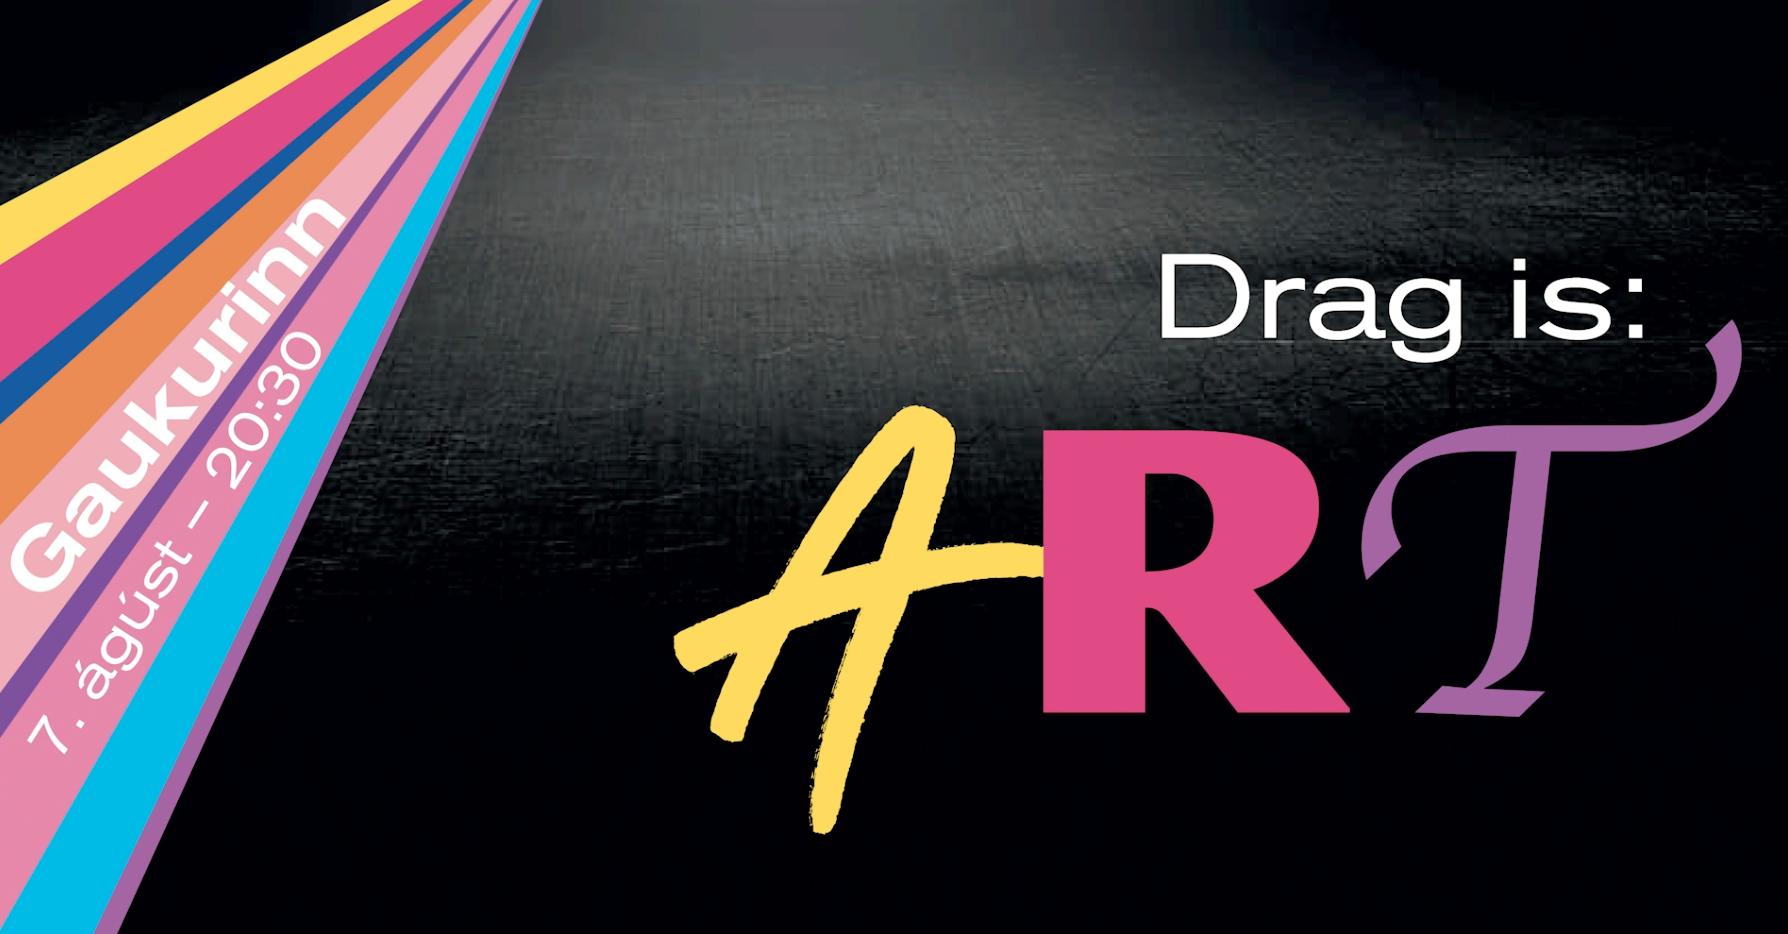 Drag is ART